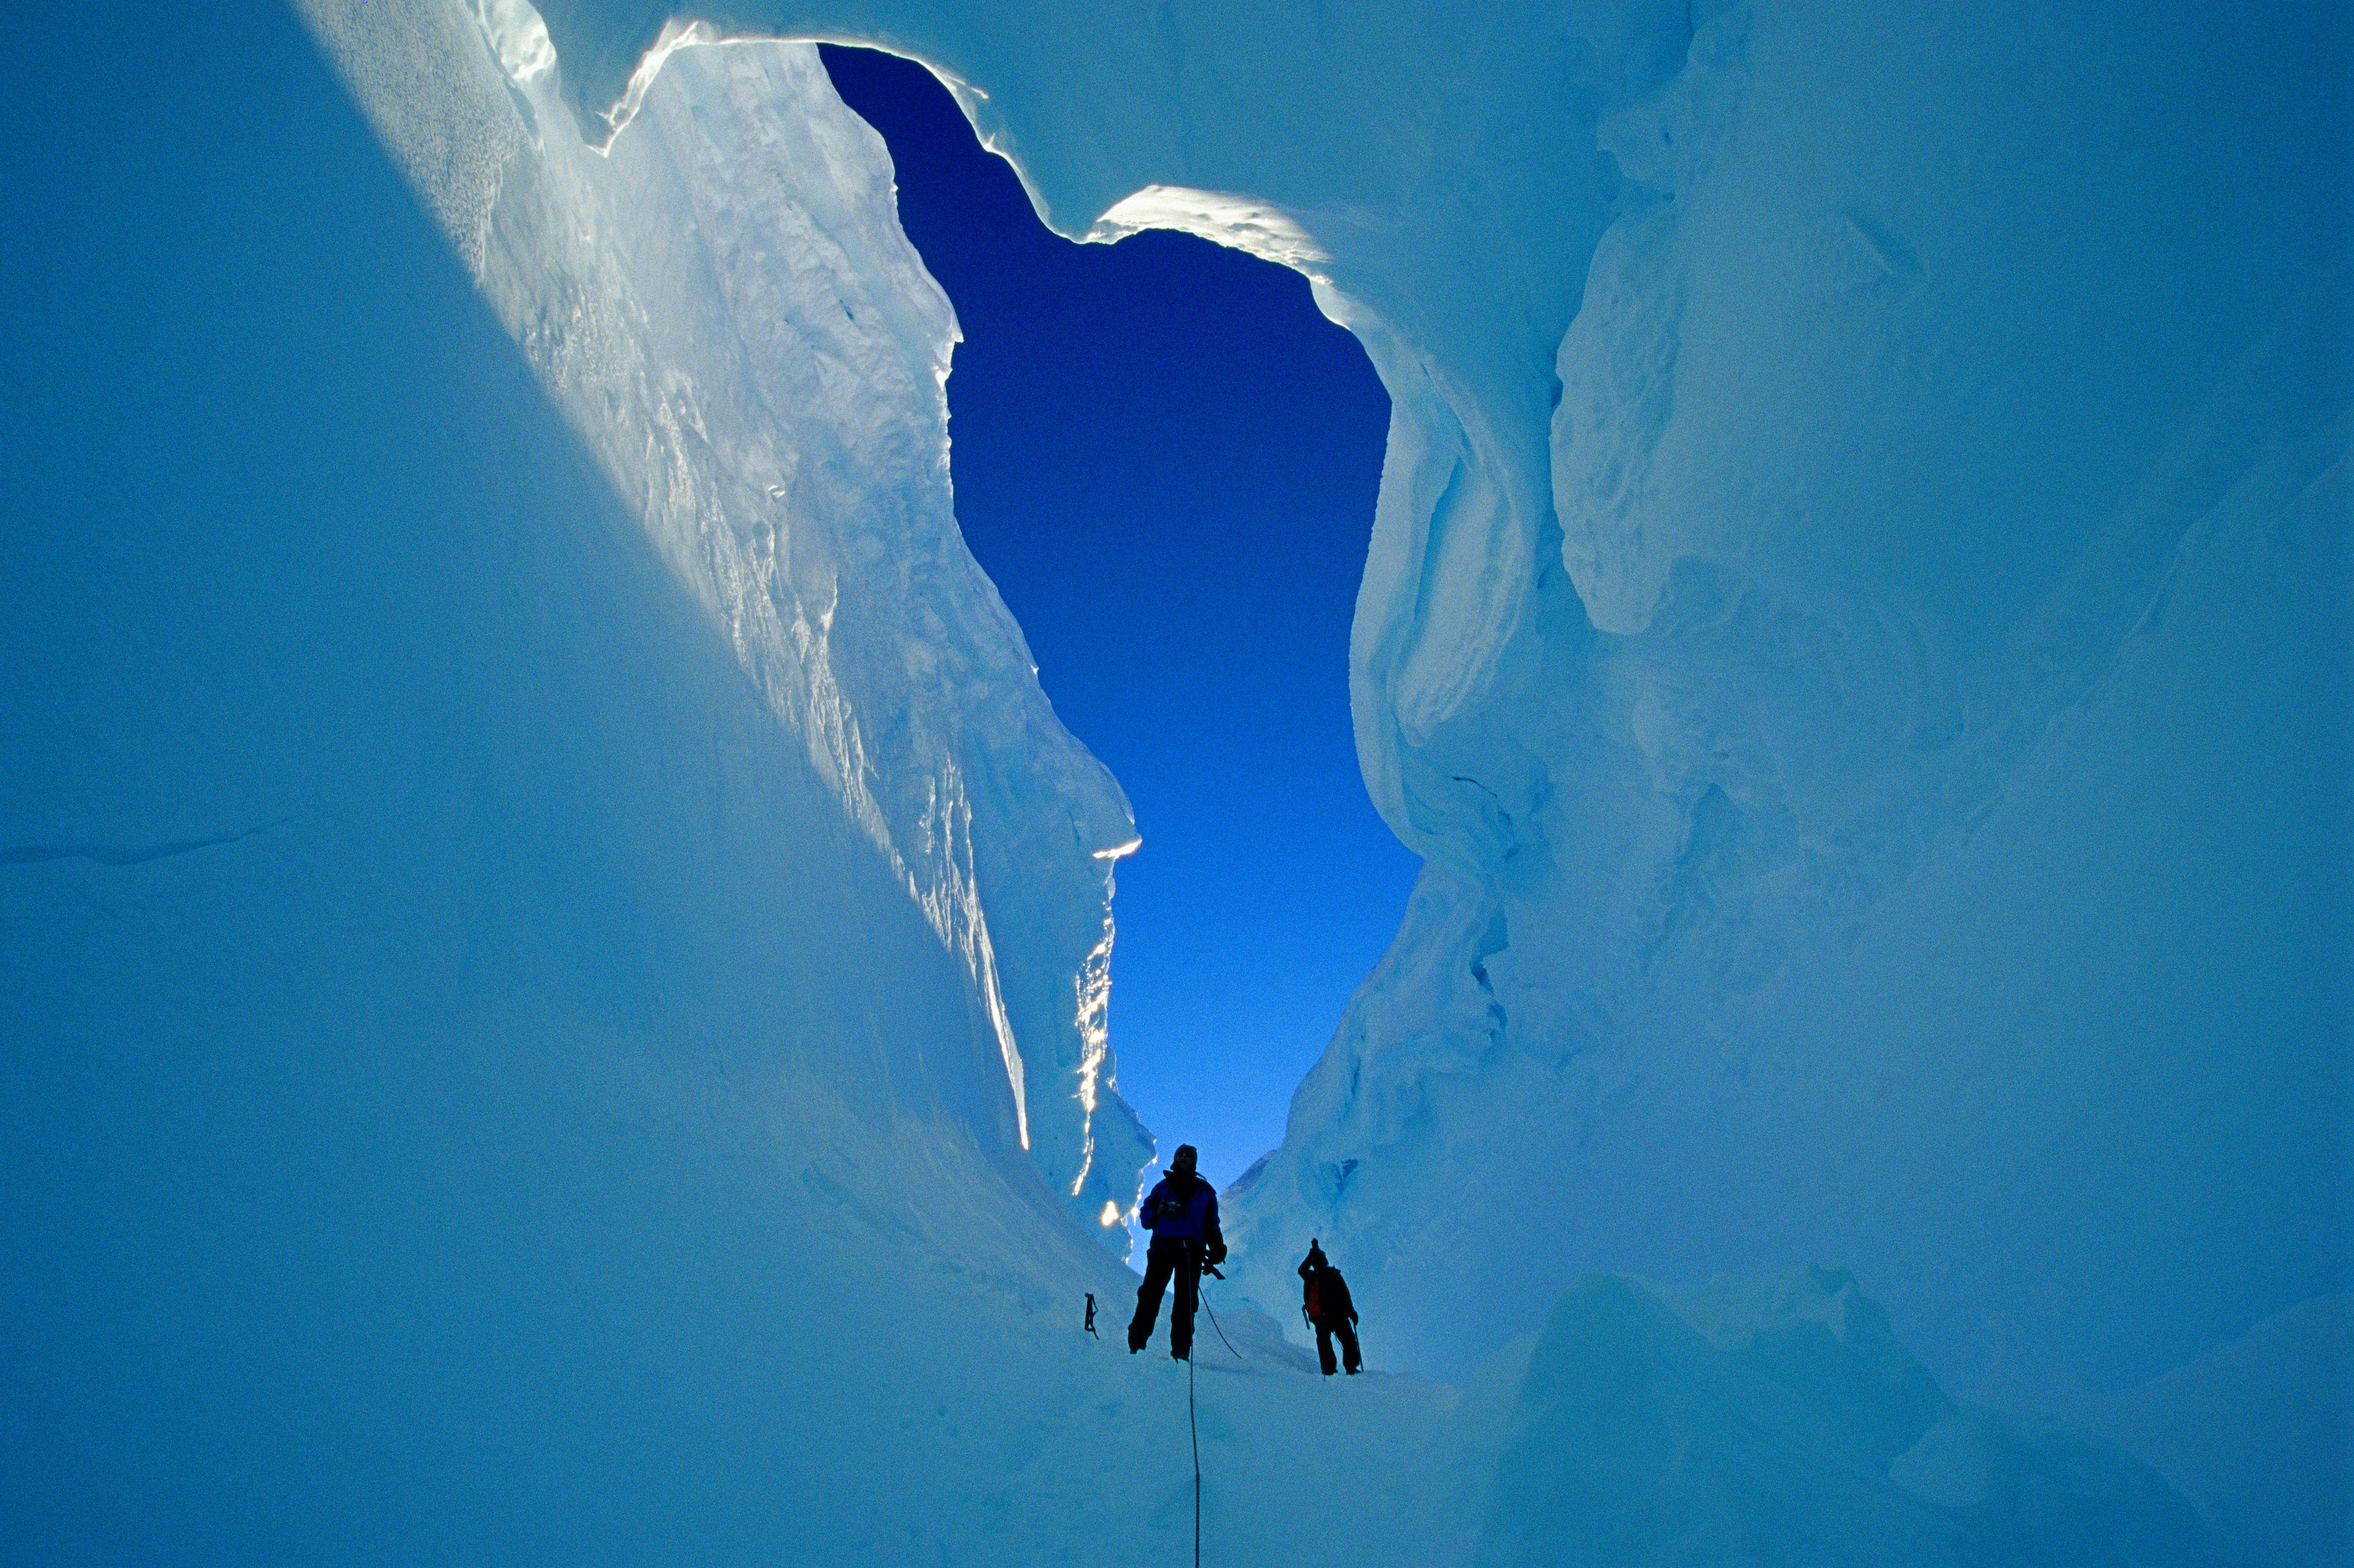 Ανακαλύφθηκαν τρία γιγάντια φαράγγια θαμμένα κάτω από τους πάγους της